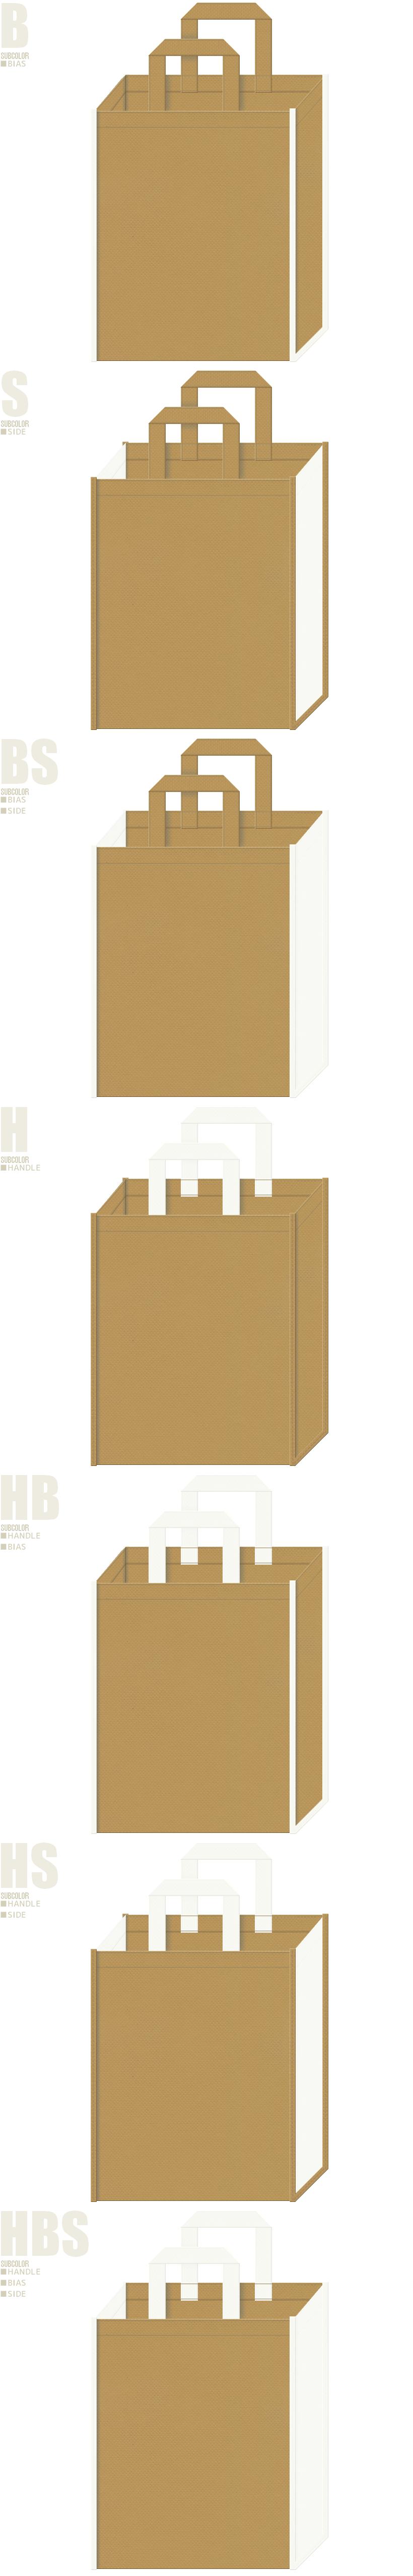 カフェオレ・コーヒーロール・餃子・シューマイ・中華饅頭・うどん・かつおだし・毛糸・セーター・秋冬ファッションの展示会用バッグにお奨めの不織布バッグデザイン:マスタード色とオフホワイト色の配色7パターン